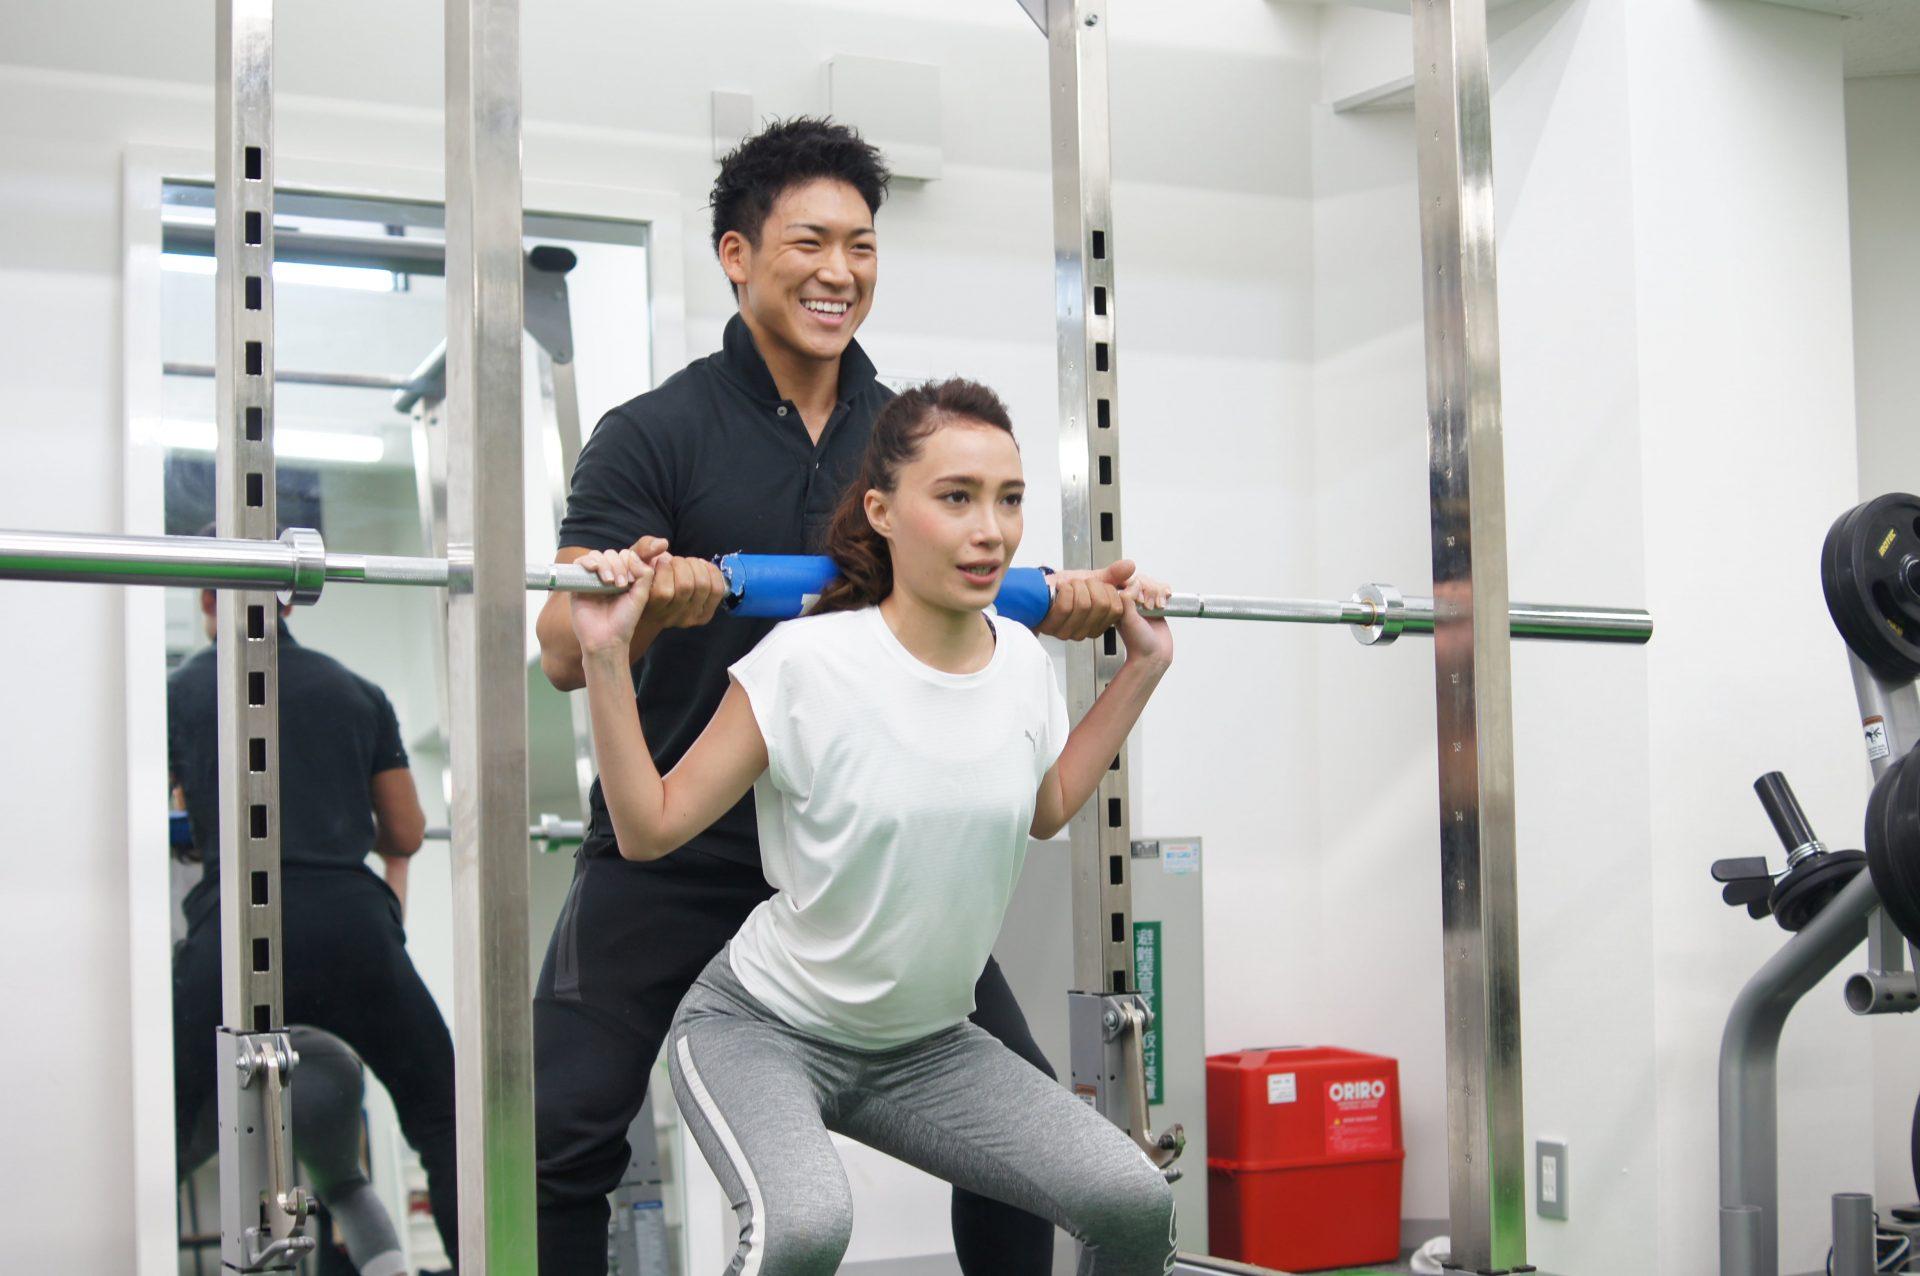 東京のパーソナルトレーニングジムASPIでのトレーニング風景